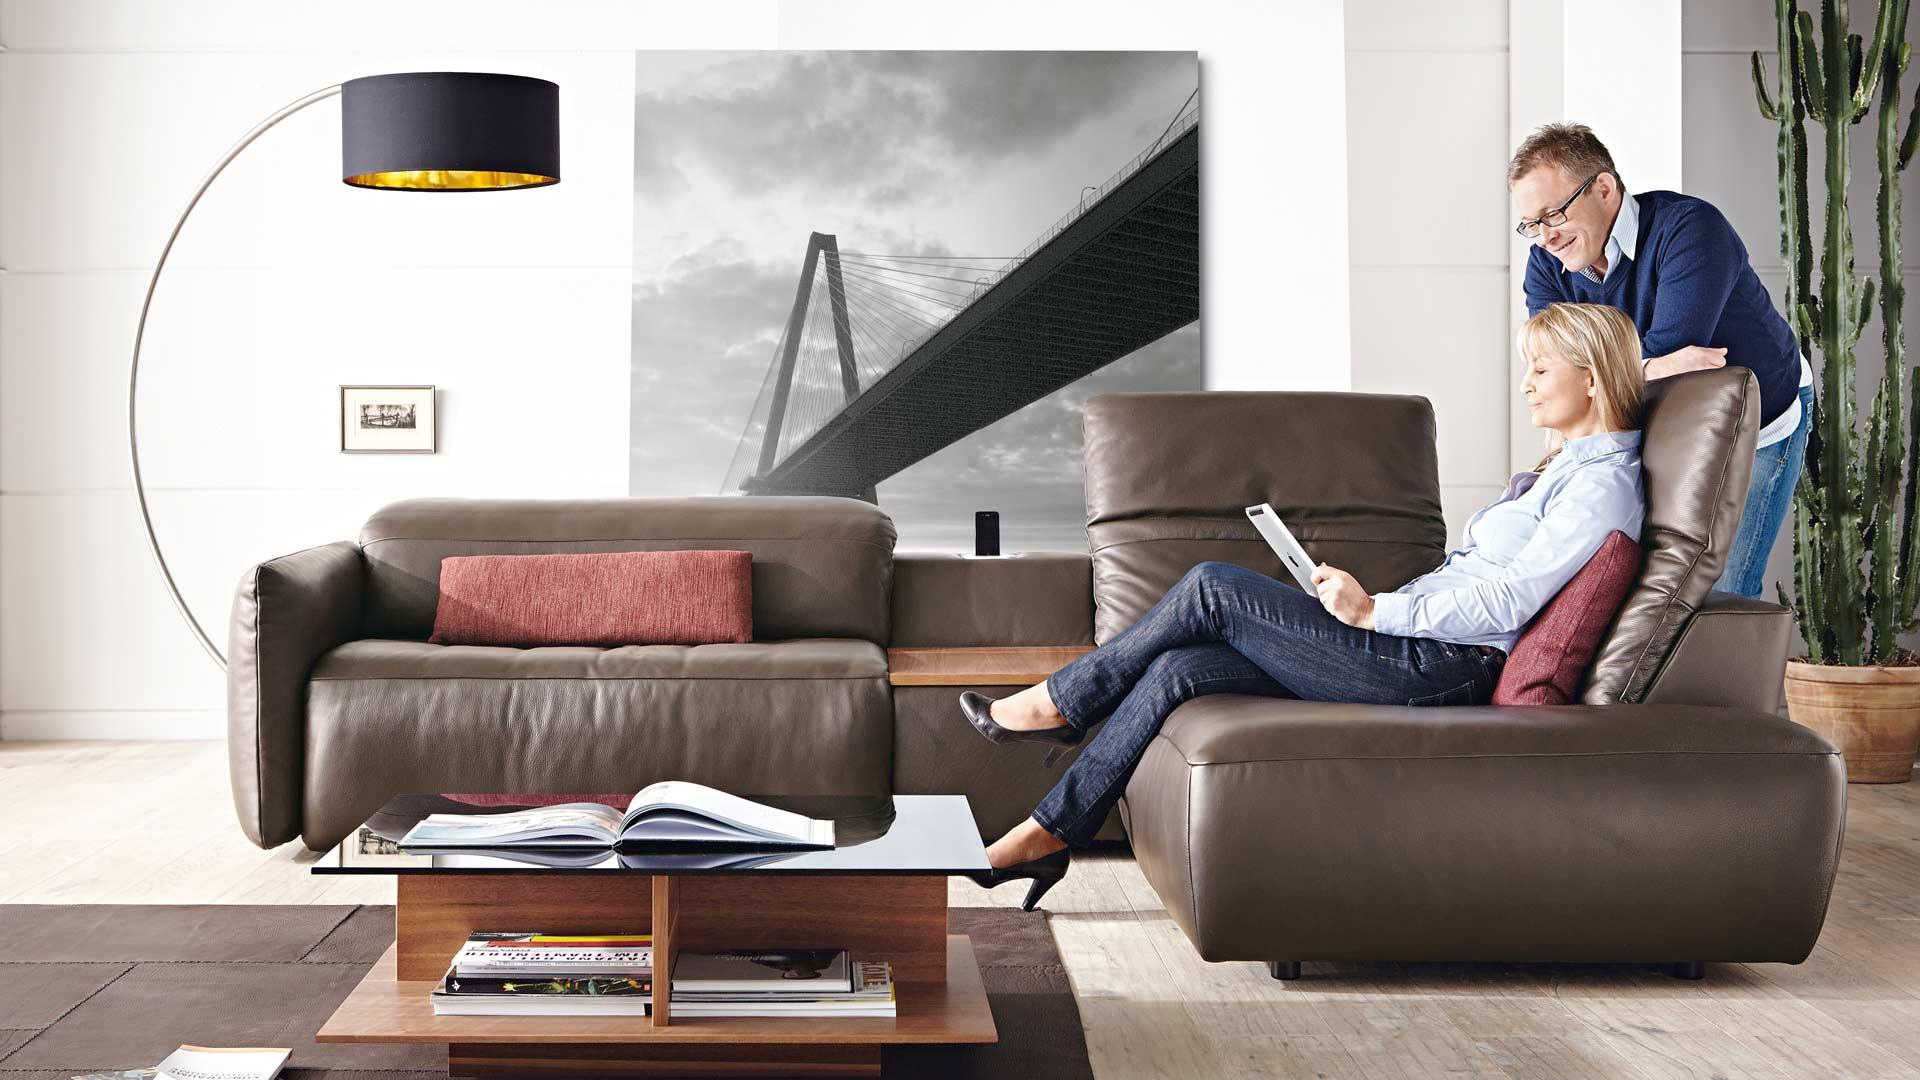 kche regensburg gallery of affordable jeans slim fit white with mbel xxl regensburg with kche. Black Bedroom Furniture Sets. Home Design Ideas